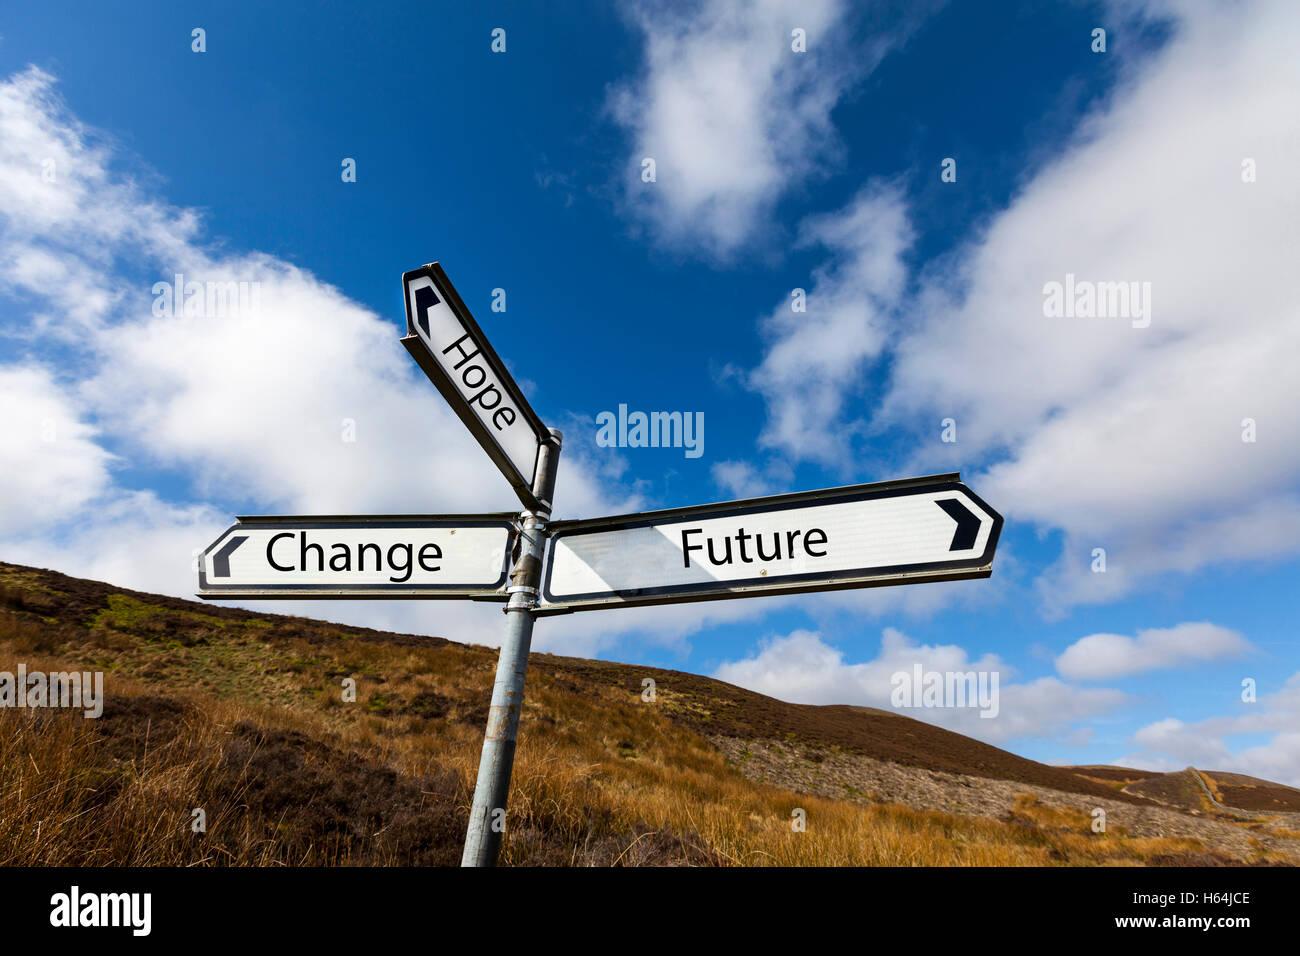 Zukünftige Veränderungen Hoffnung Zukunftskonzept Zeichen Hoffnung wollen die Zukunftsaussichten Aussichten Stockbild